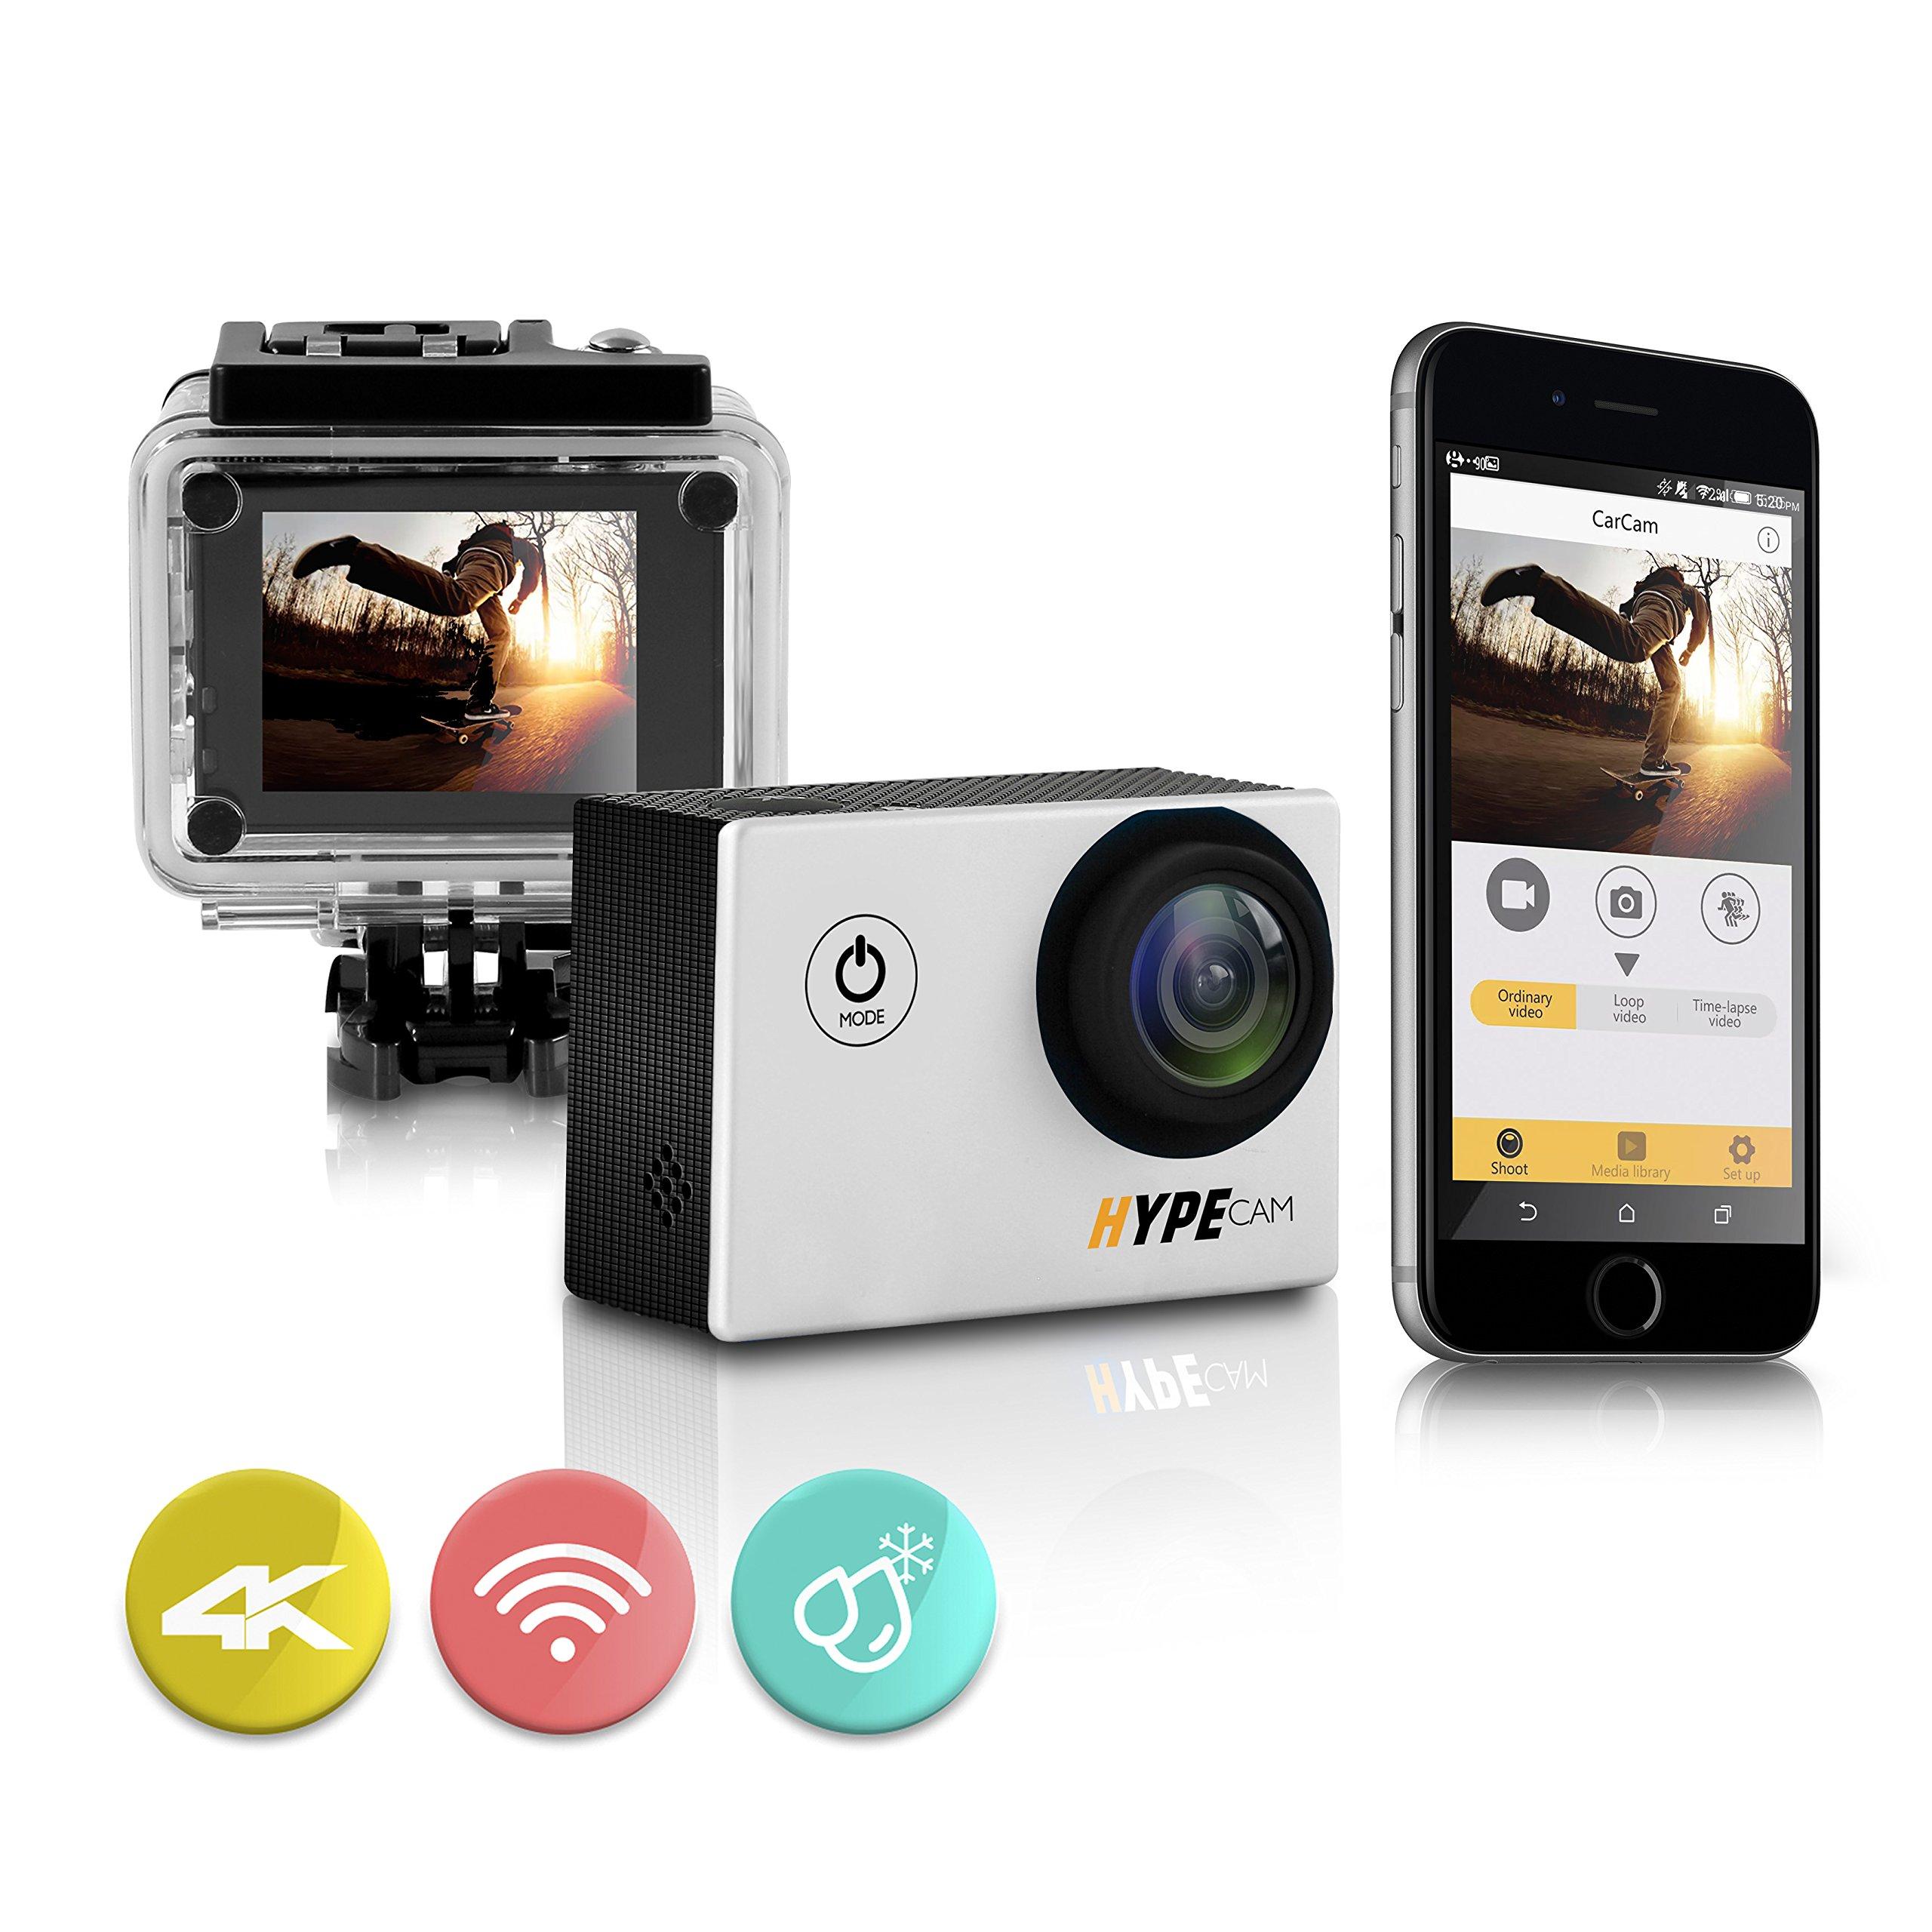 高度なHYPEカメラ - ハイパワーポケットスポーツカメラ - ハイエンド4K HDカメラW / Wi -Fiワイヤレス接続スマートフォン -  2